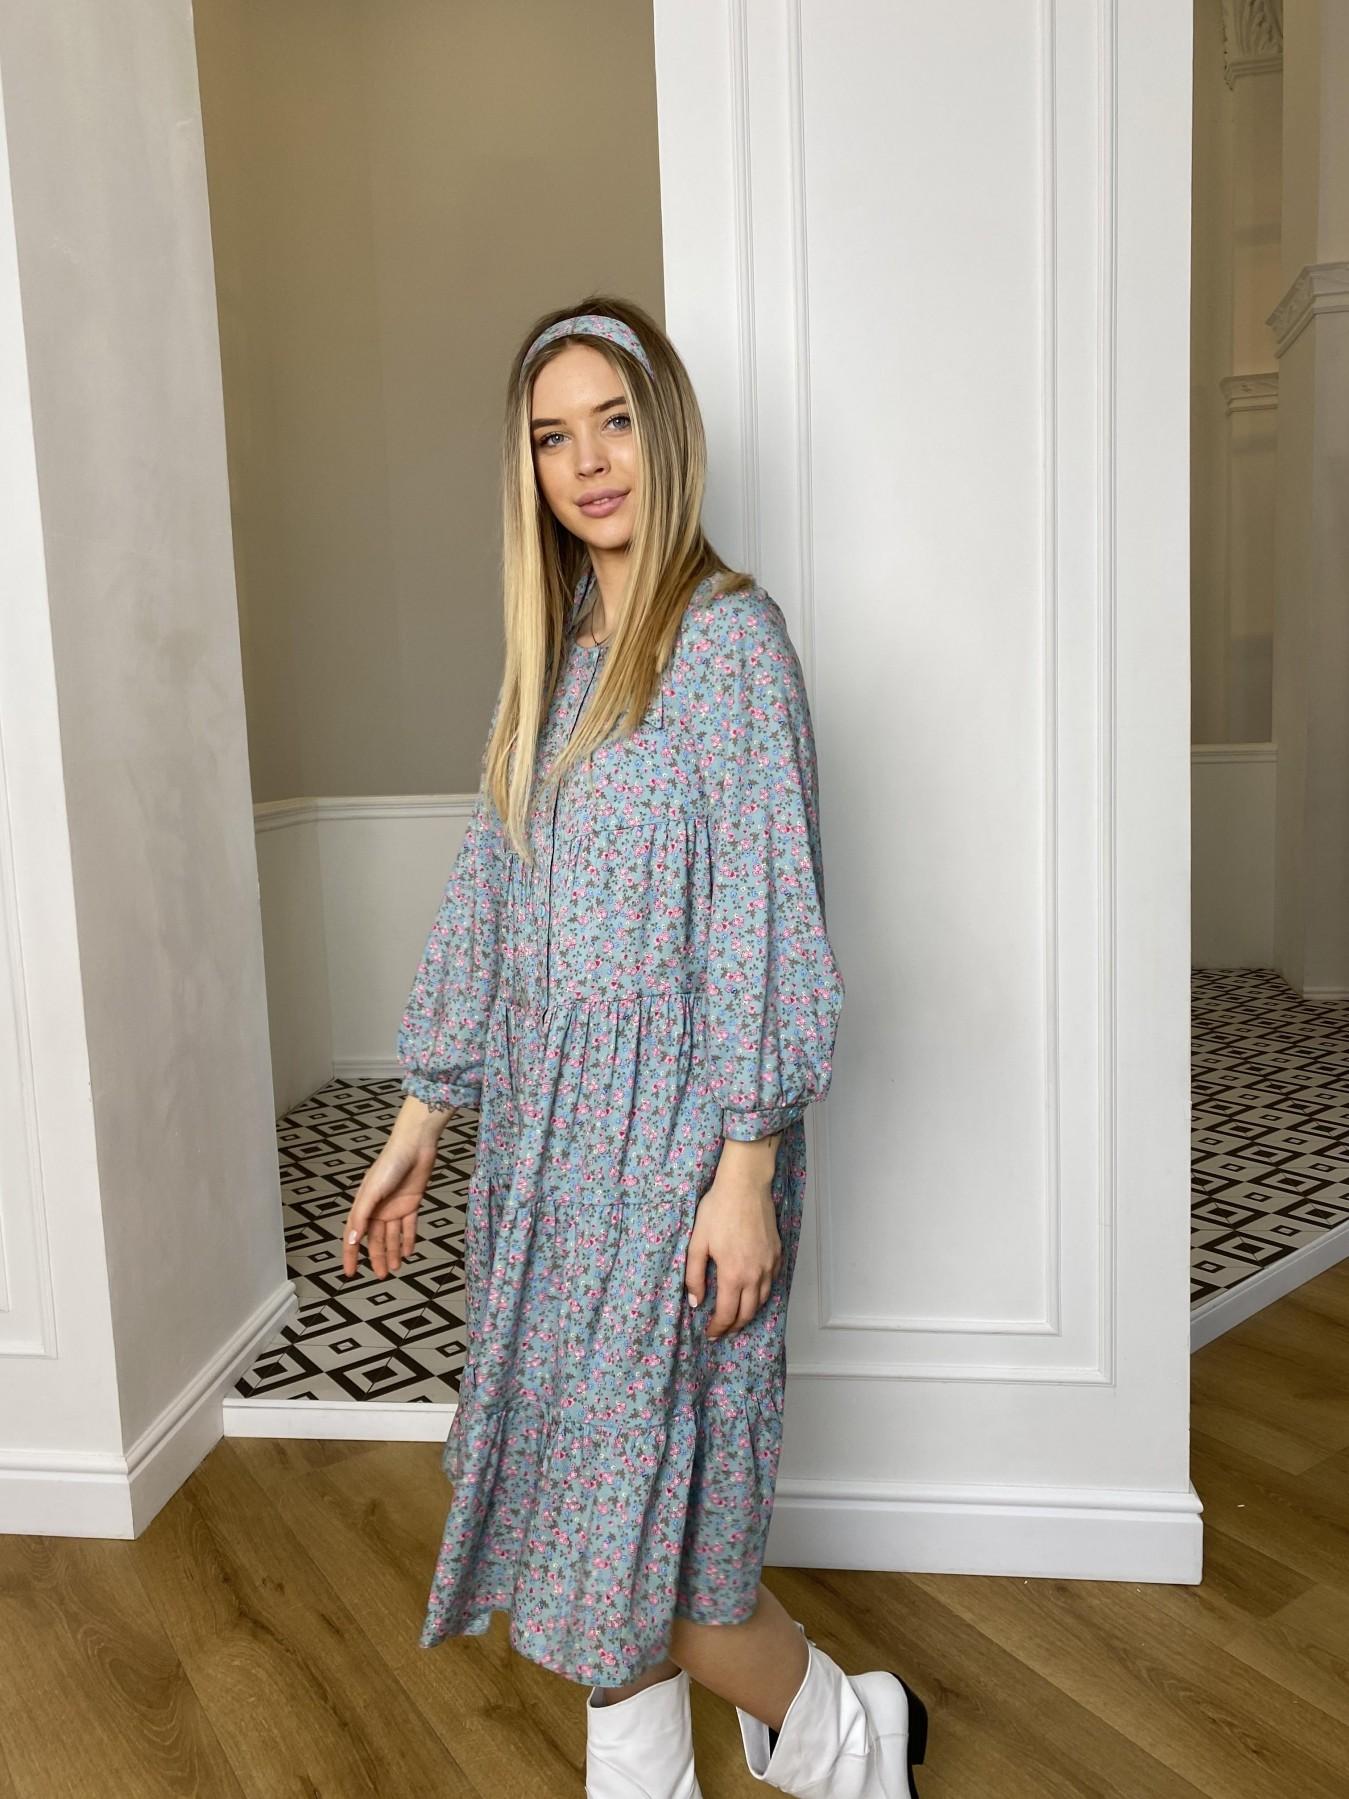 Берри миди платье штапель принт 10875 АРТ. 47343 Цвет: Цветы мел олива/роз/гол - фото 5, интернет магазин tm-modus.ru